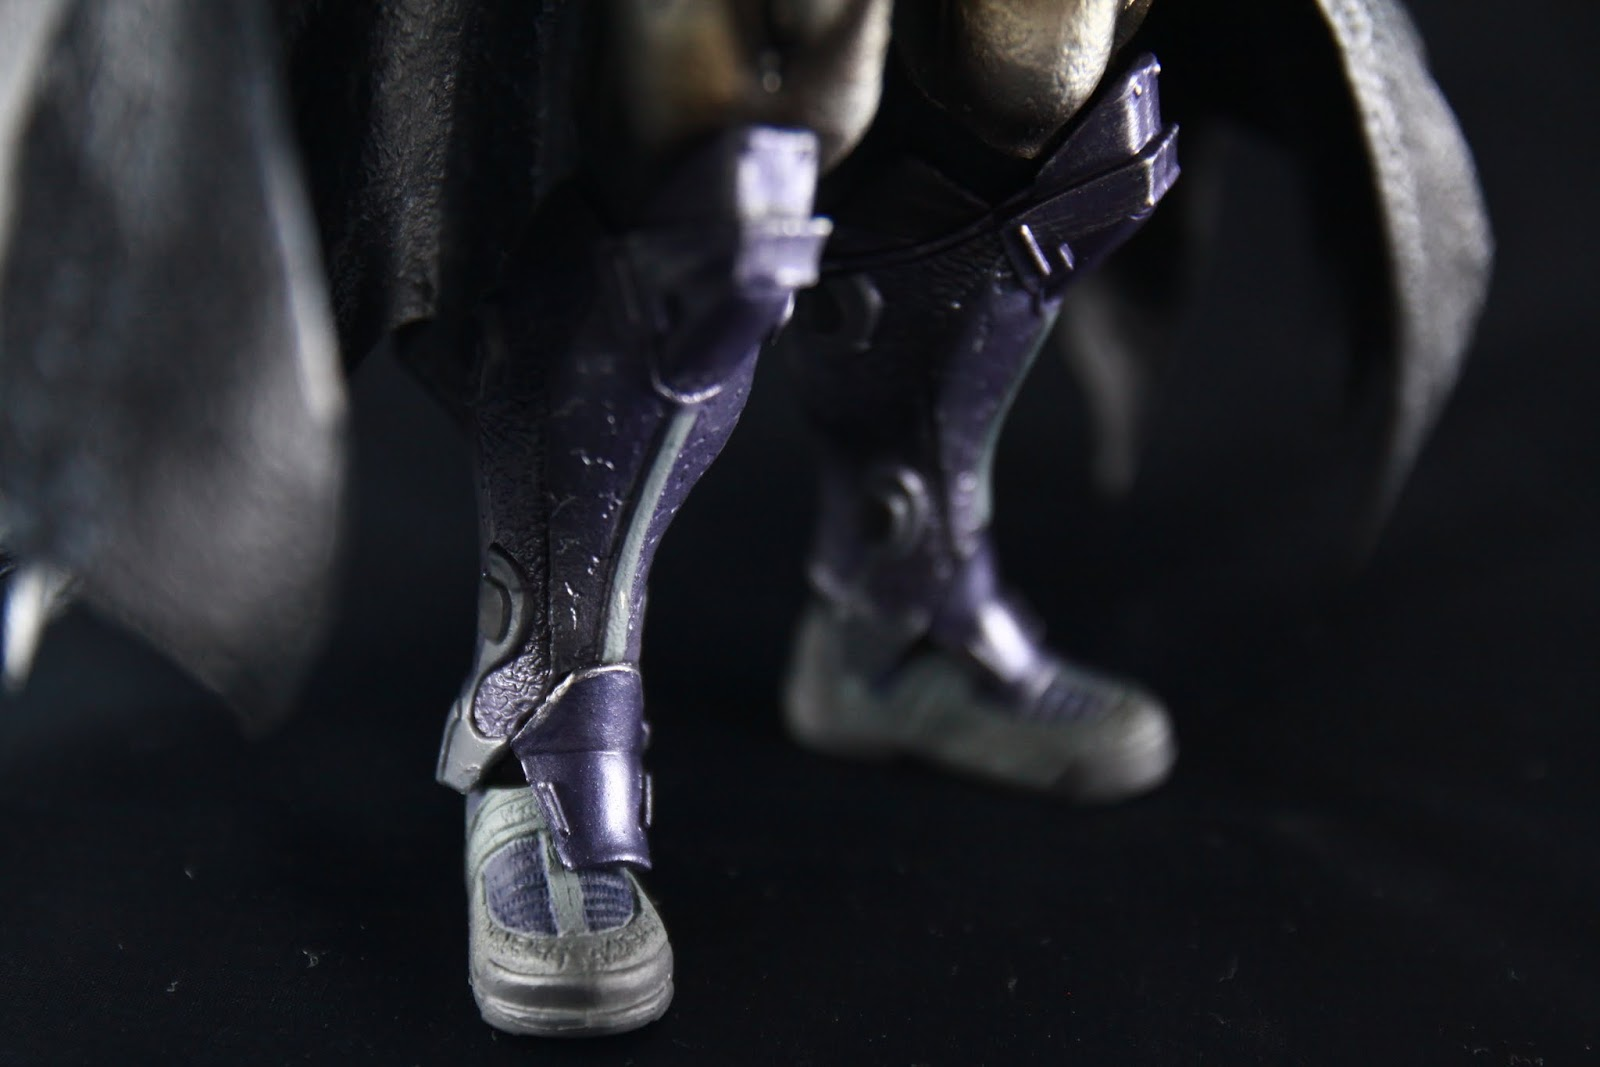 腿部的裝甲變更點在多了護膝, 然後也跟其他部位一樣變得比較厚